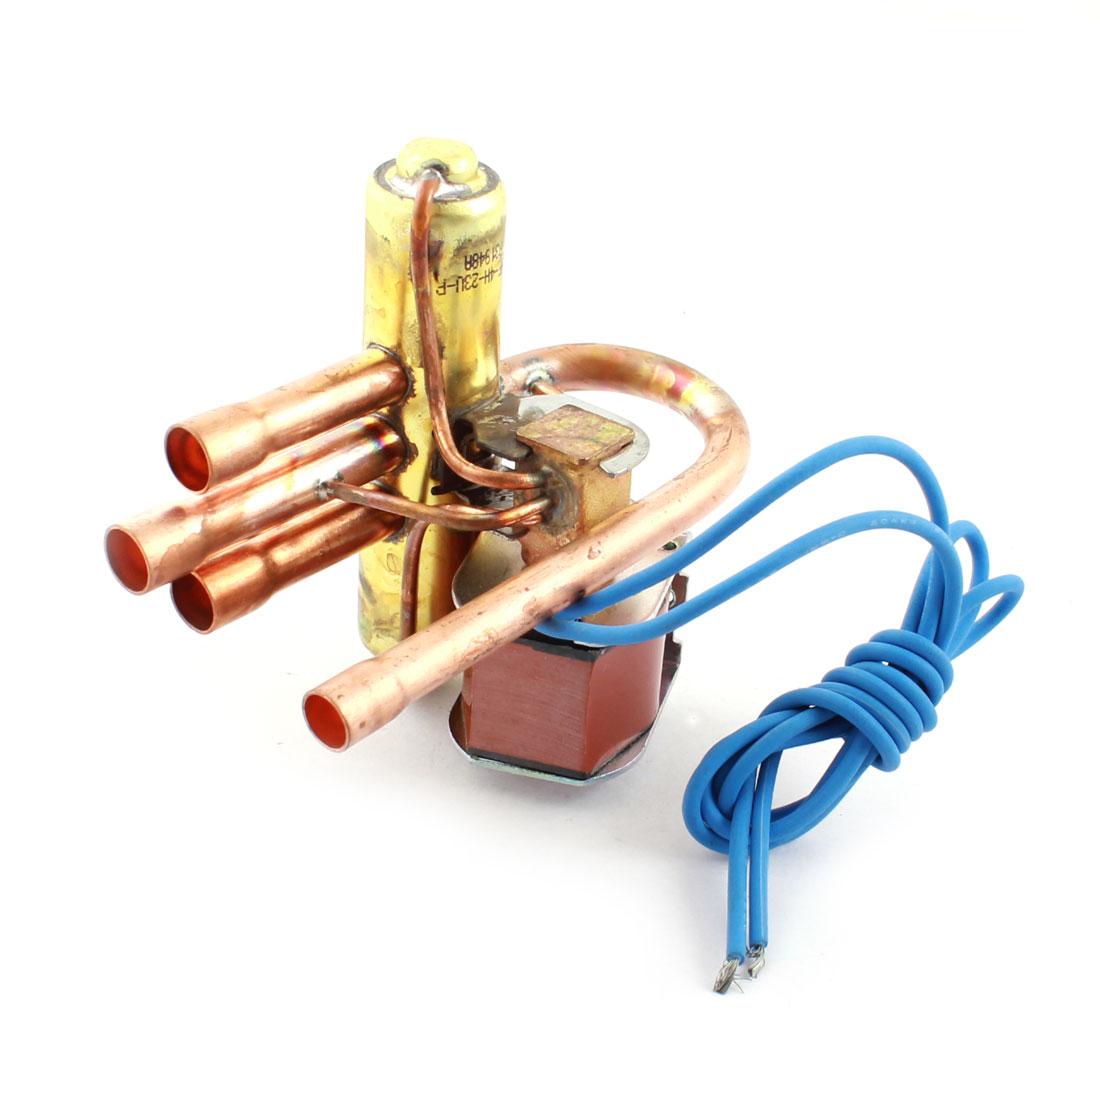 AC220V-240V 50/60Hz 4 Way 3Mpa Heat Pump Reversing Solenoid Valve